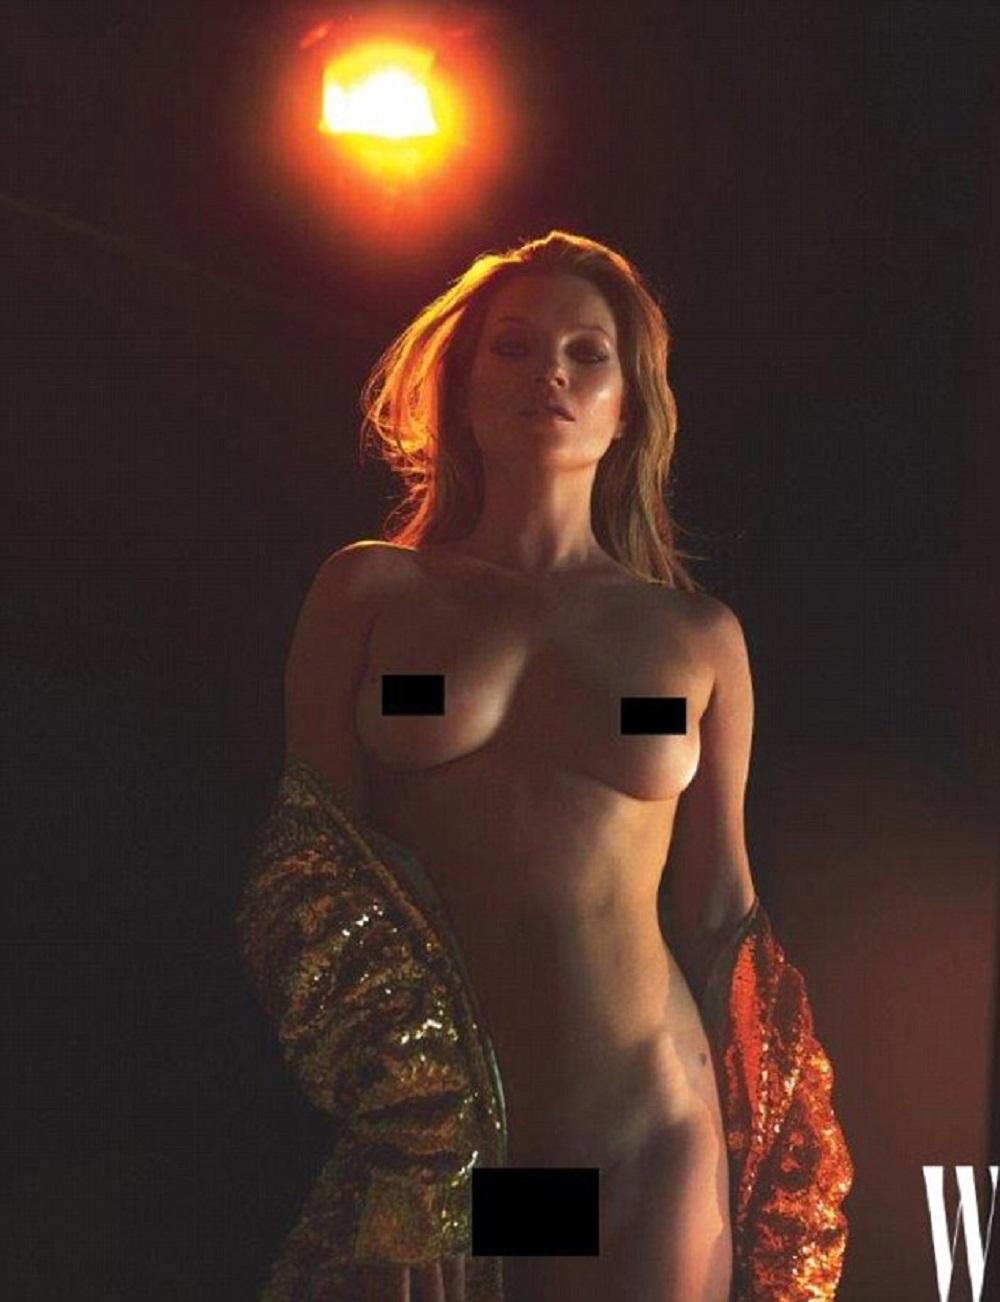 Kate Moss senza veli a 43 anni su W Magazine44